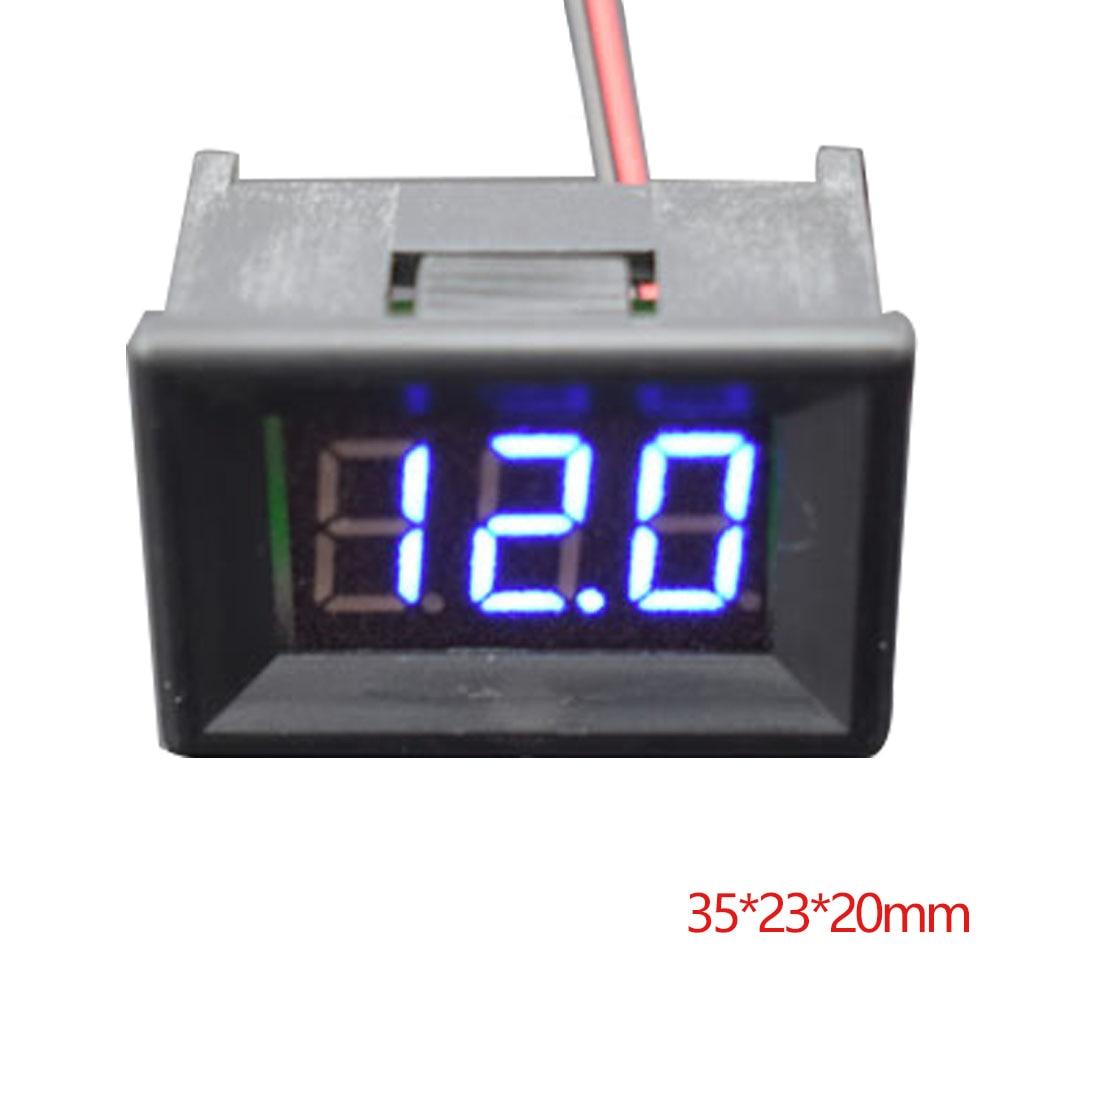 LED Display Blue Digital Panel Voltage Meter Two Wires 0.36 inch DC 4.50V-30.0V Voltage Detector Monitor Digital Voltmeter